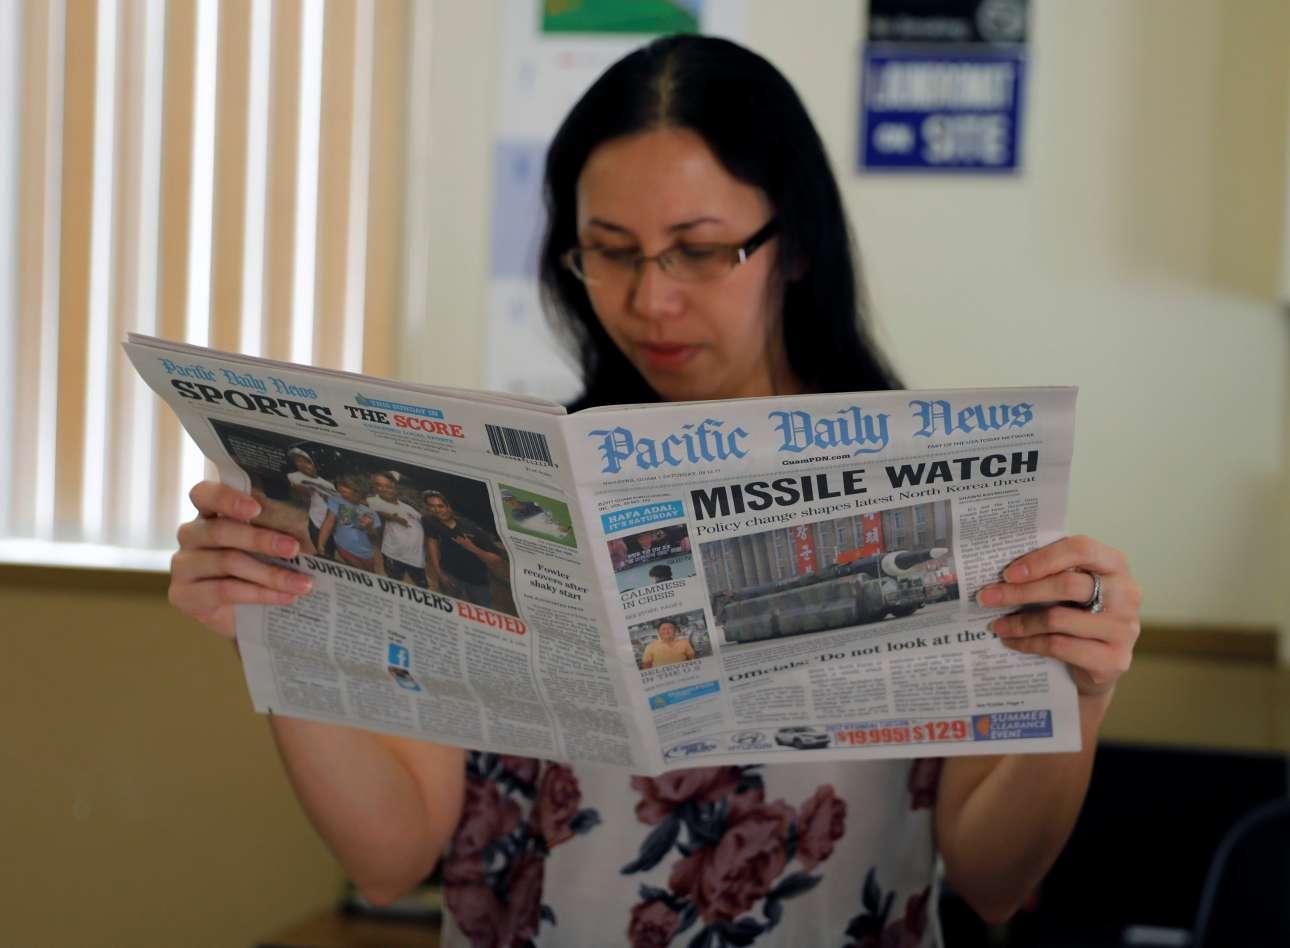 Η ρεσεψιονίστ της φωτογραφίας διαβάζει –όχι ιδιαίτερα ανήσυχη- τα νέα από την εφημερίδα